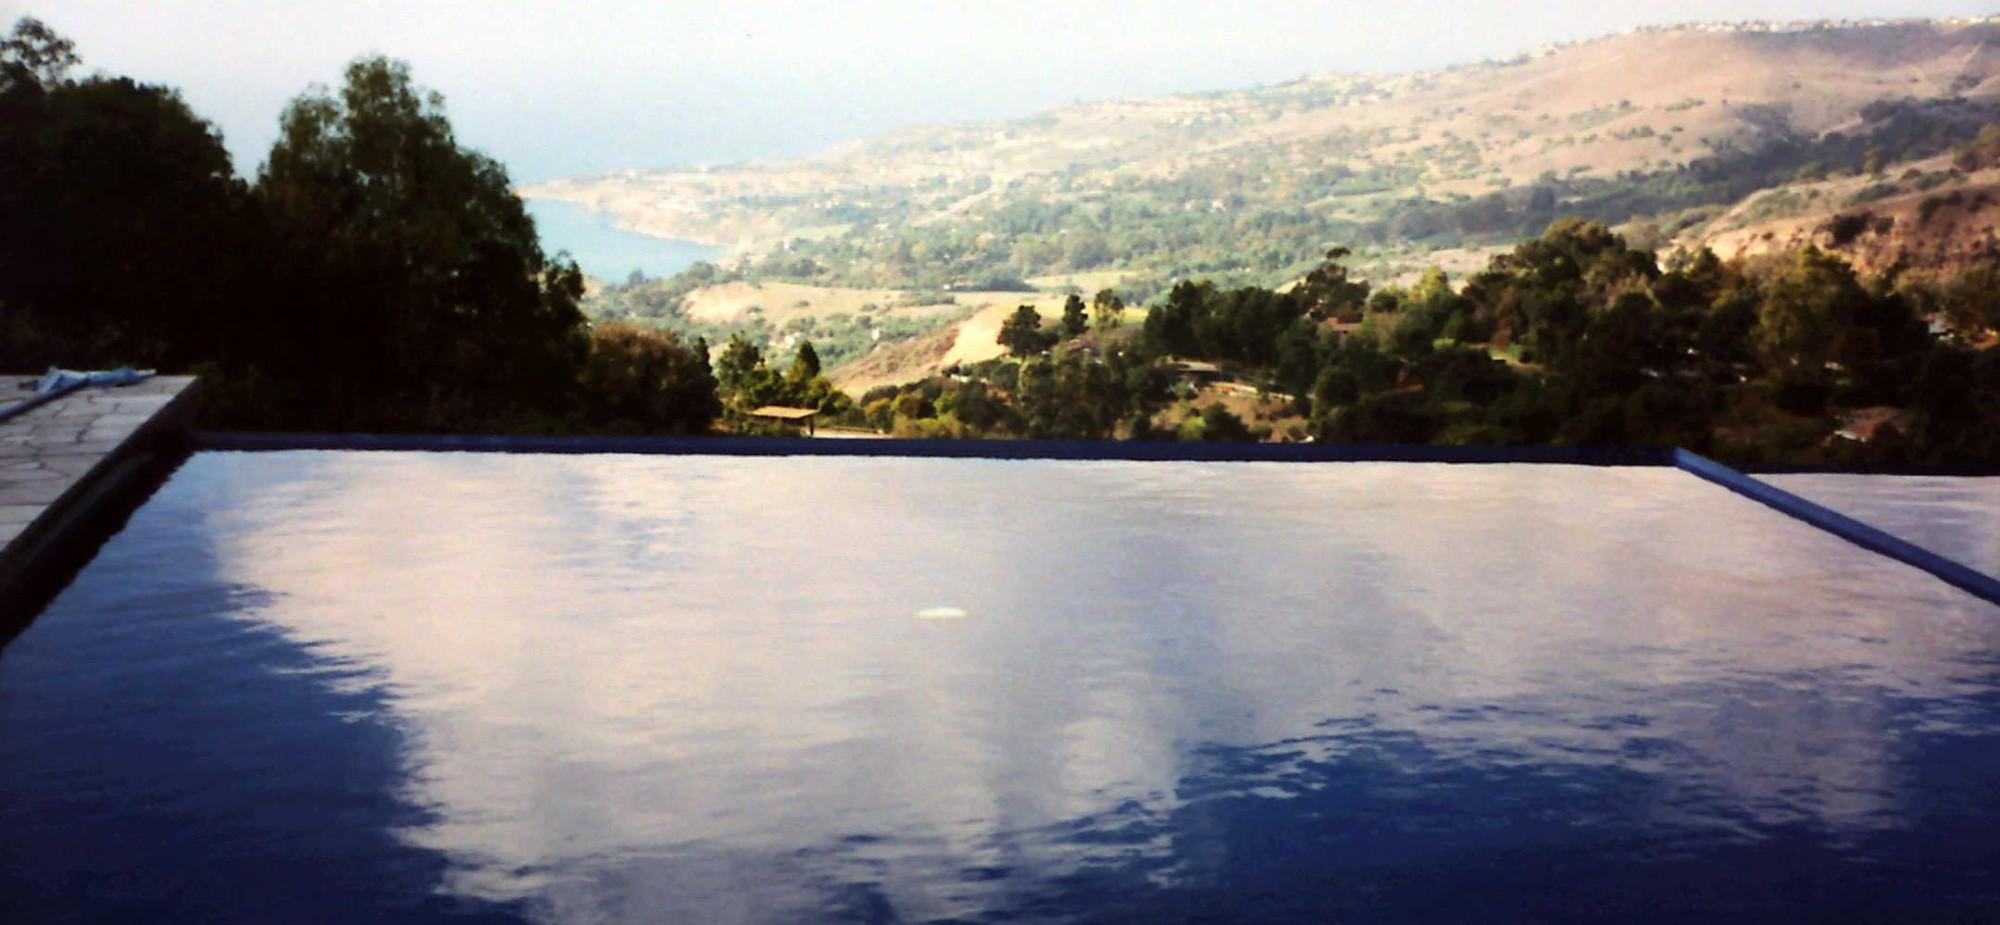 Spa Restoration Rancho Palos Verdes